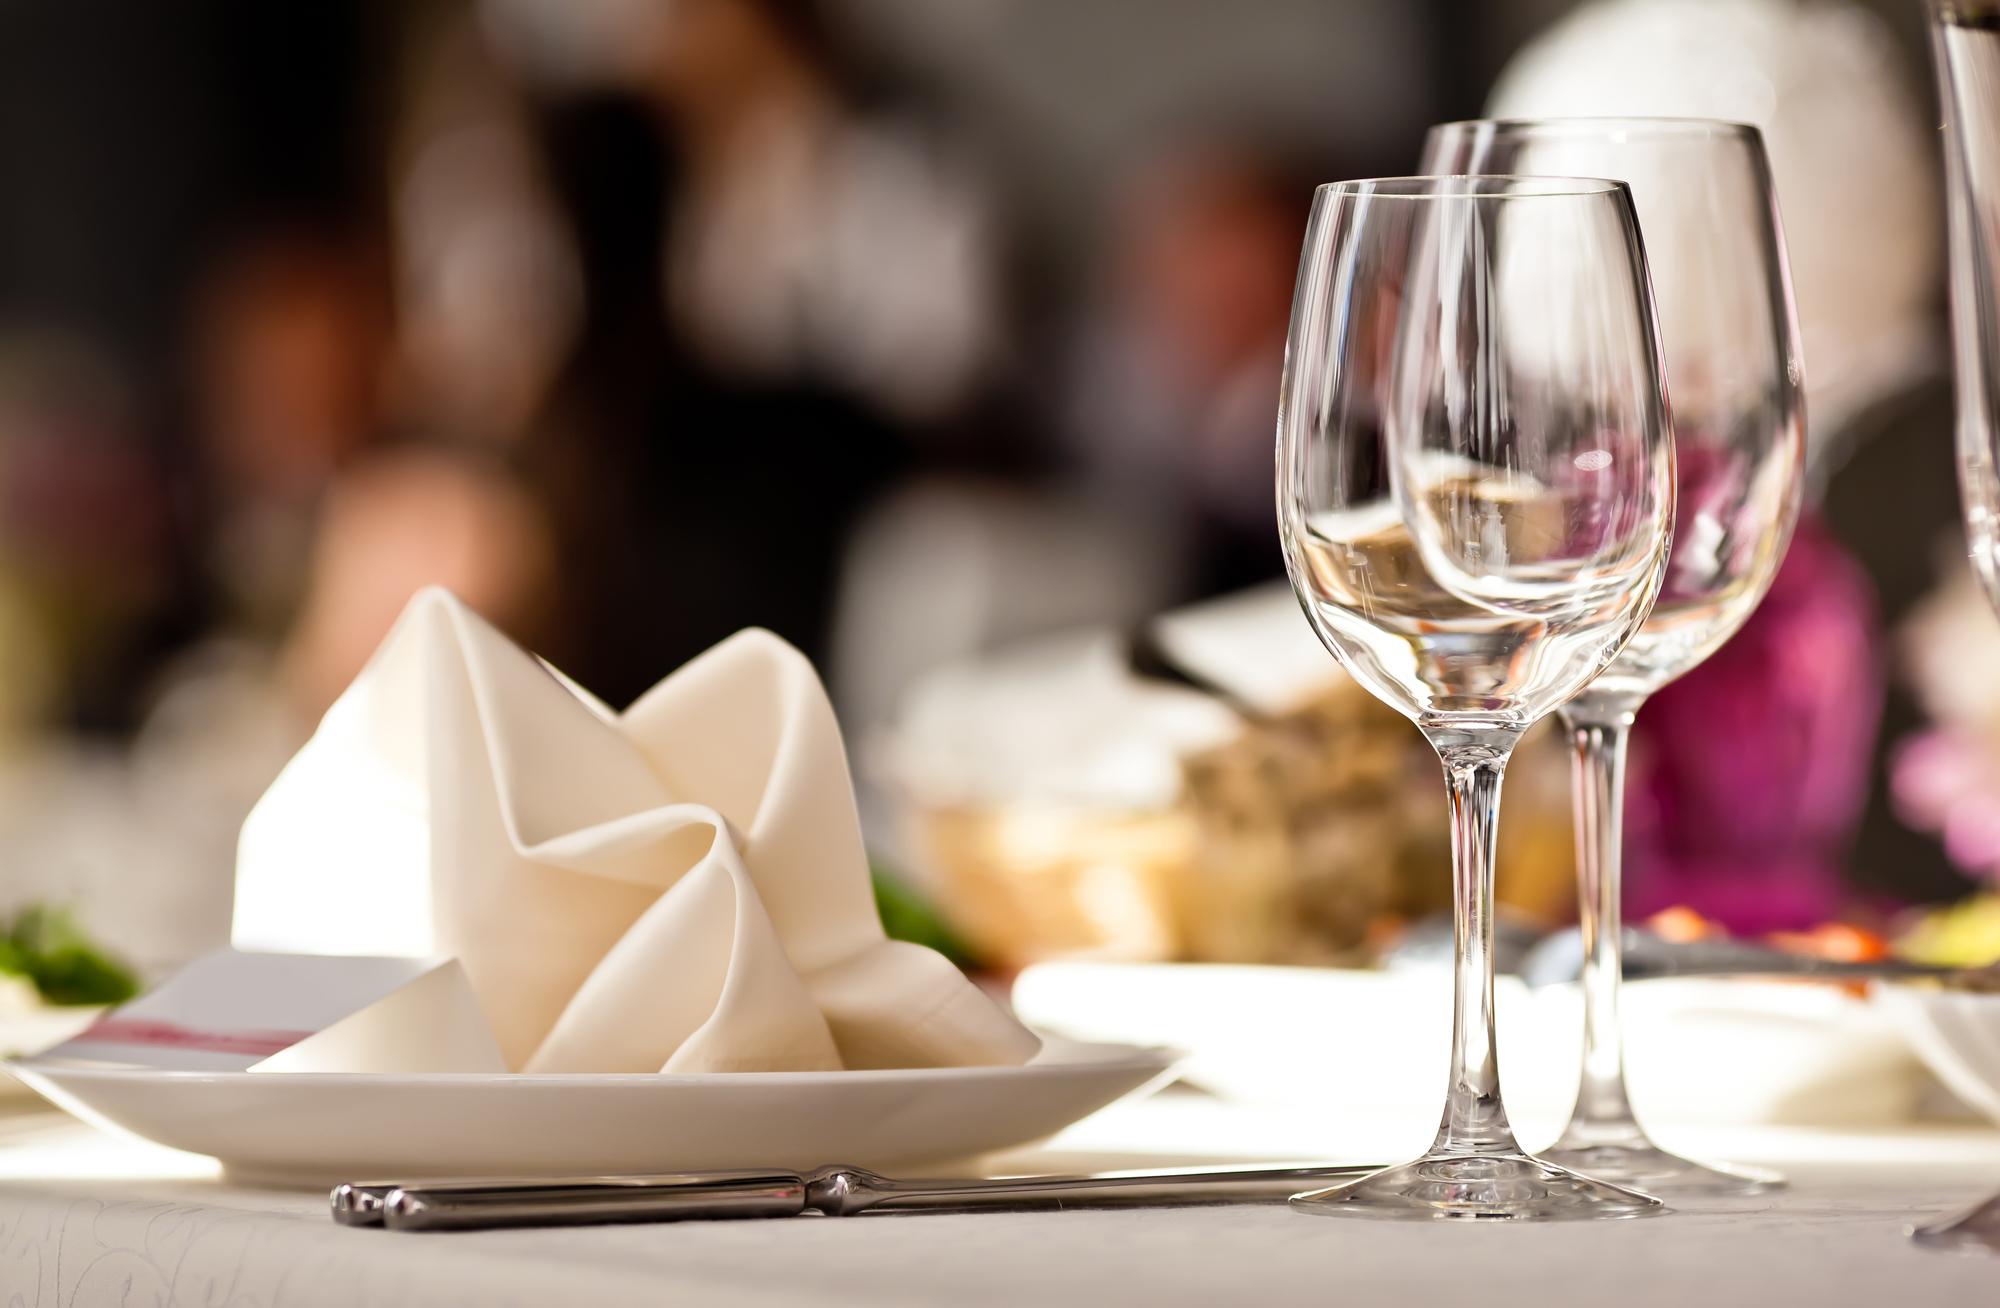 Klær og bord